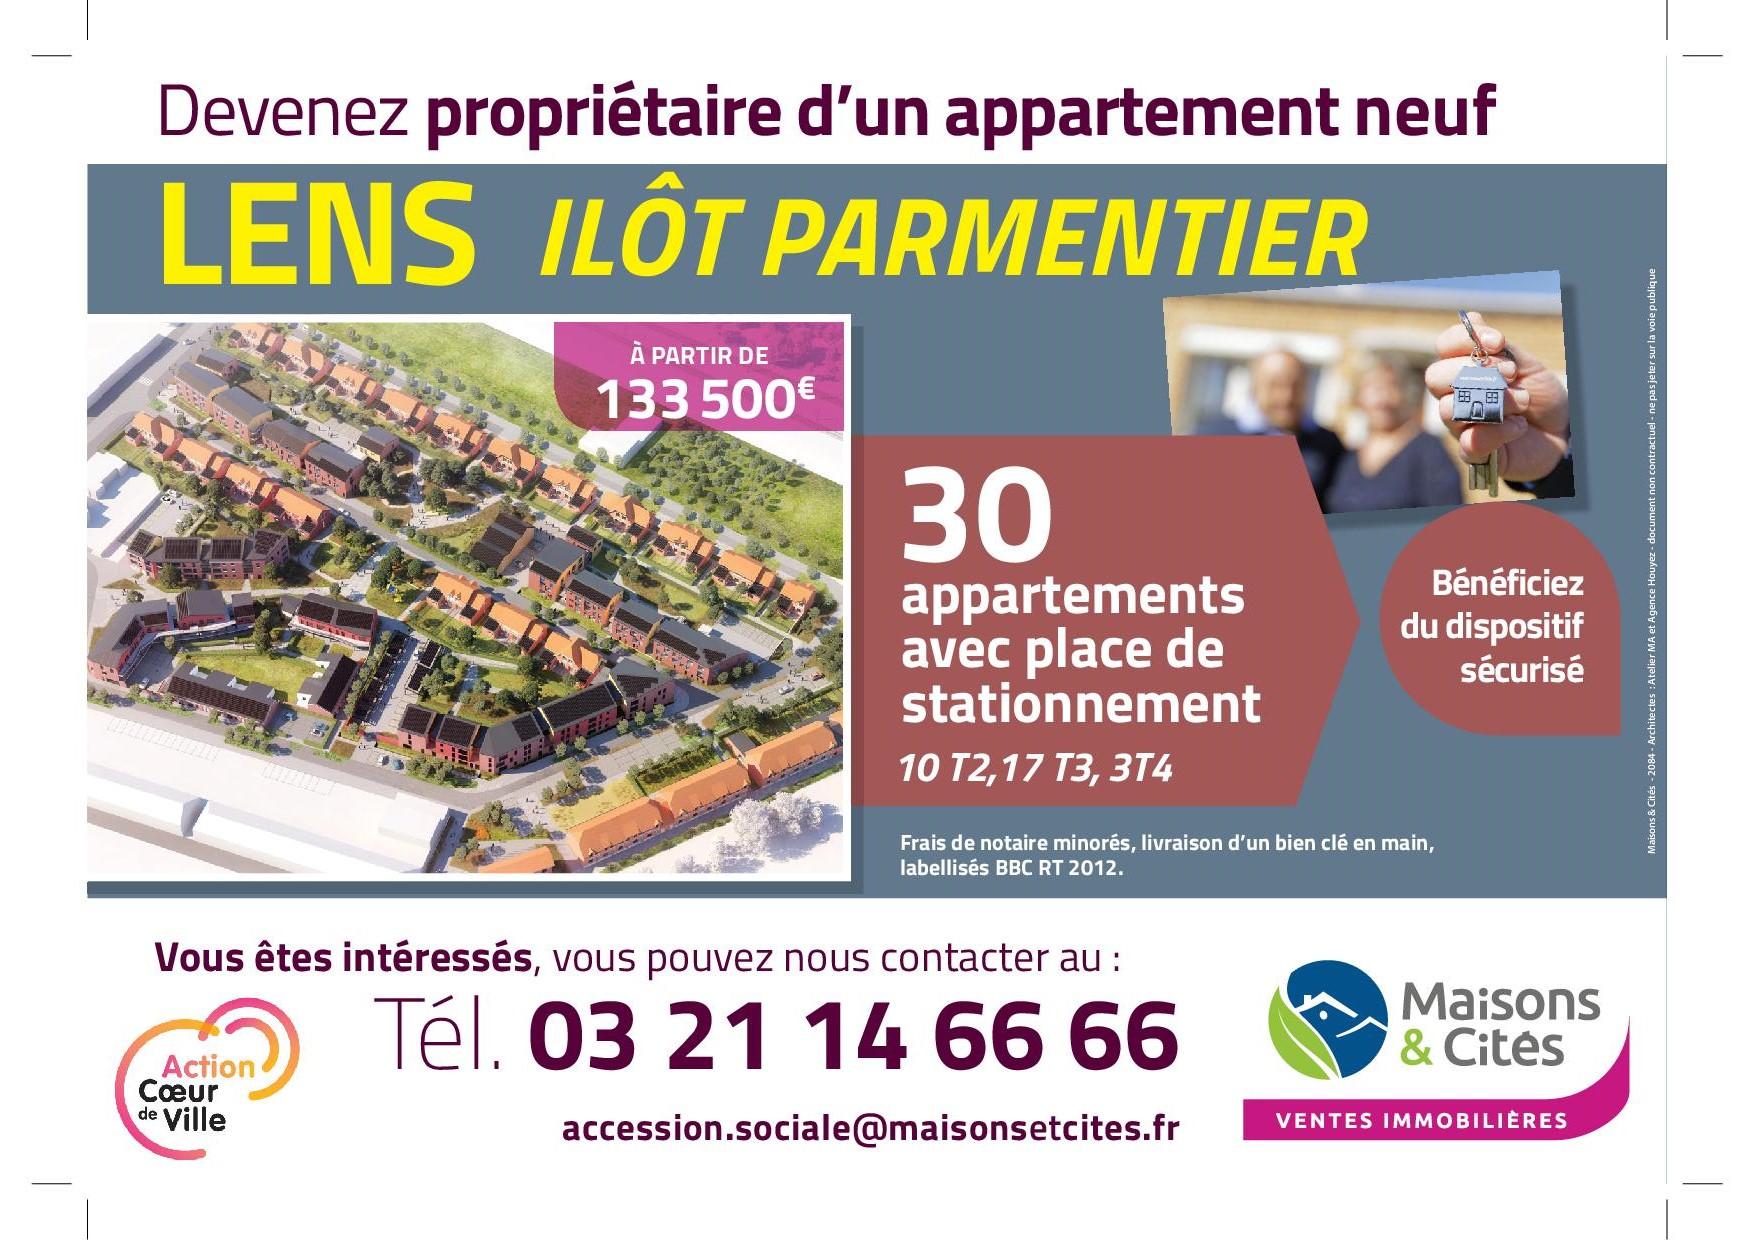 Lens – Îlot PARMENTIER